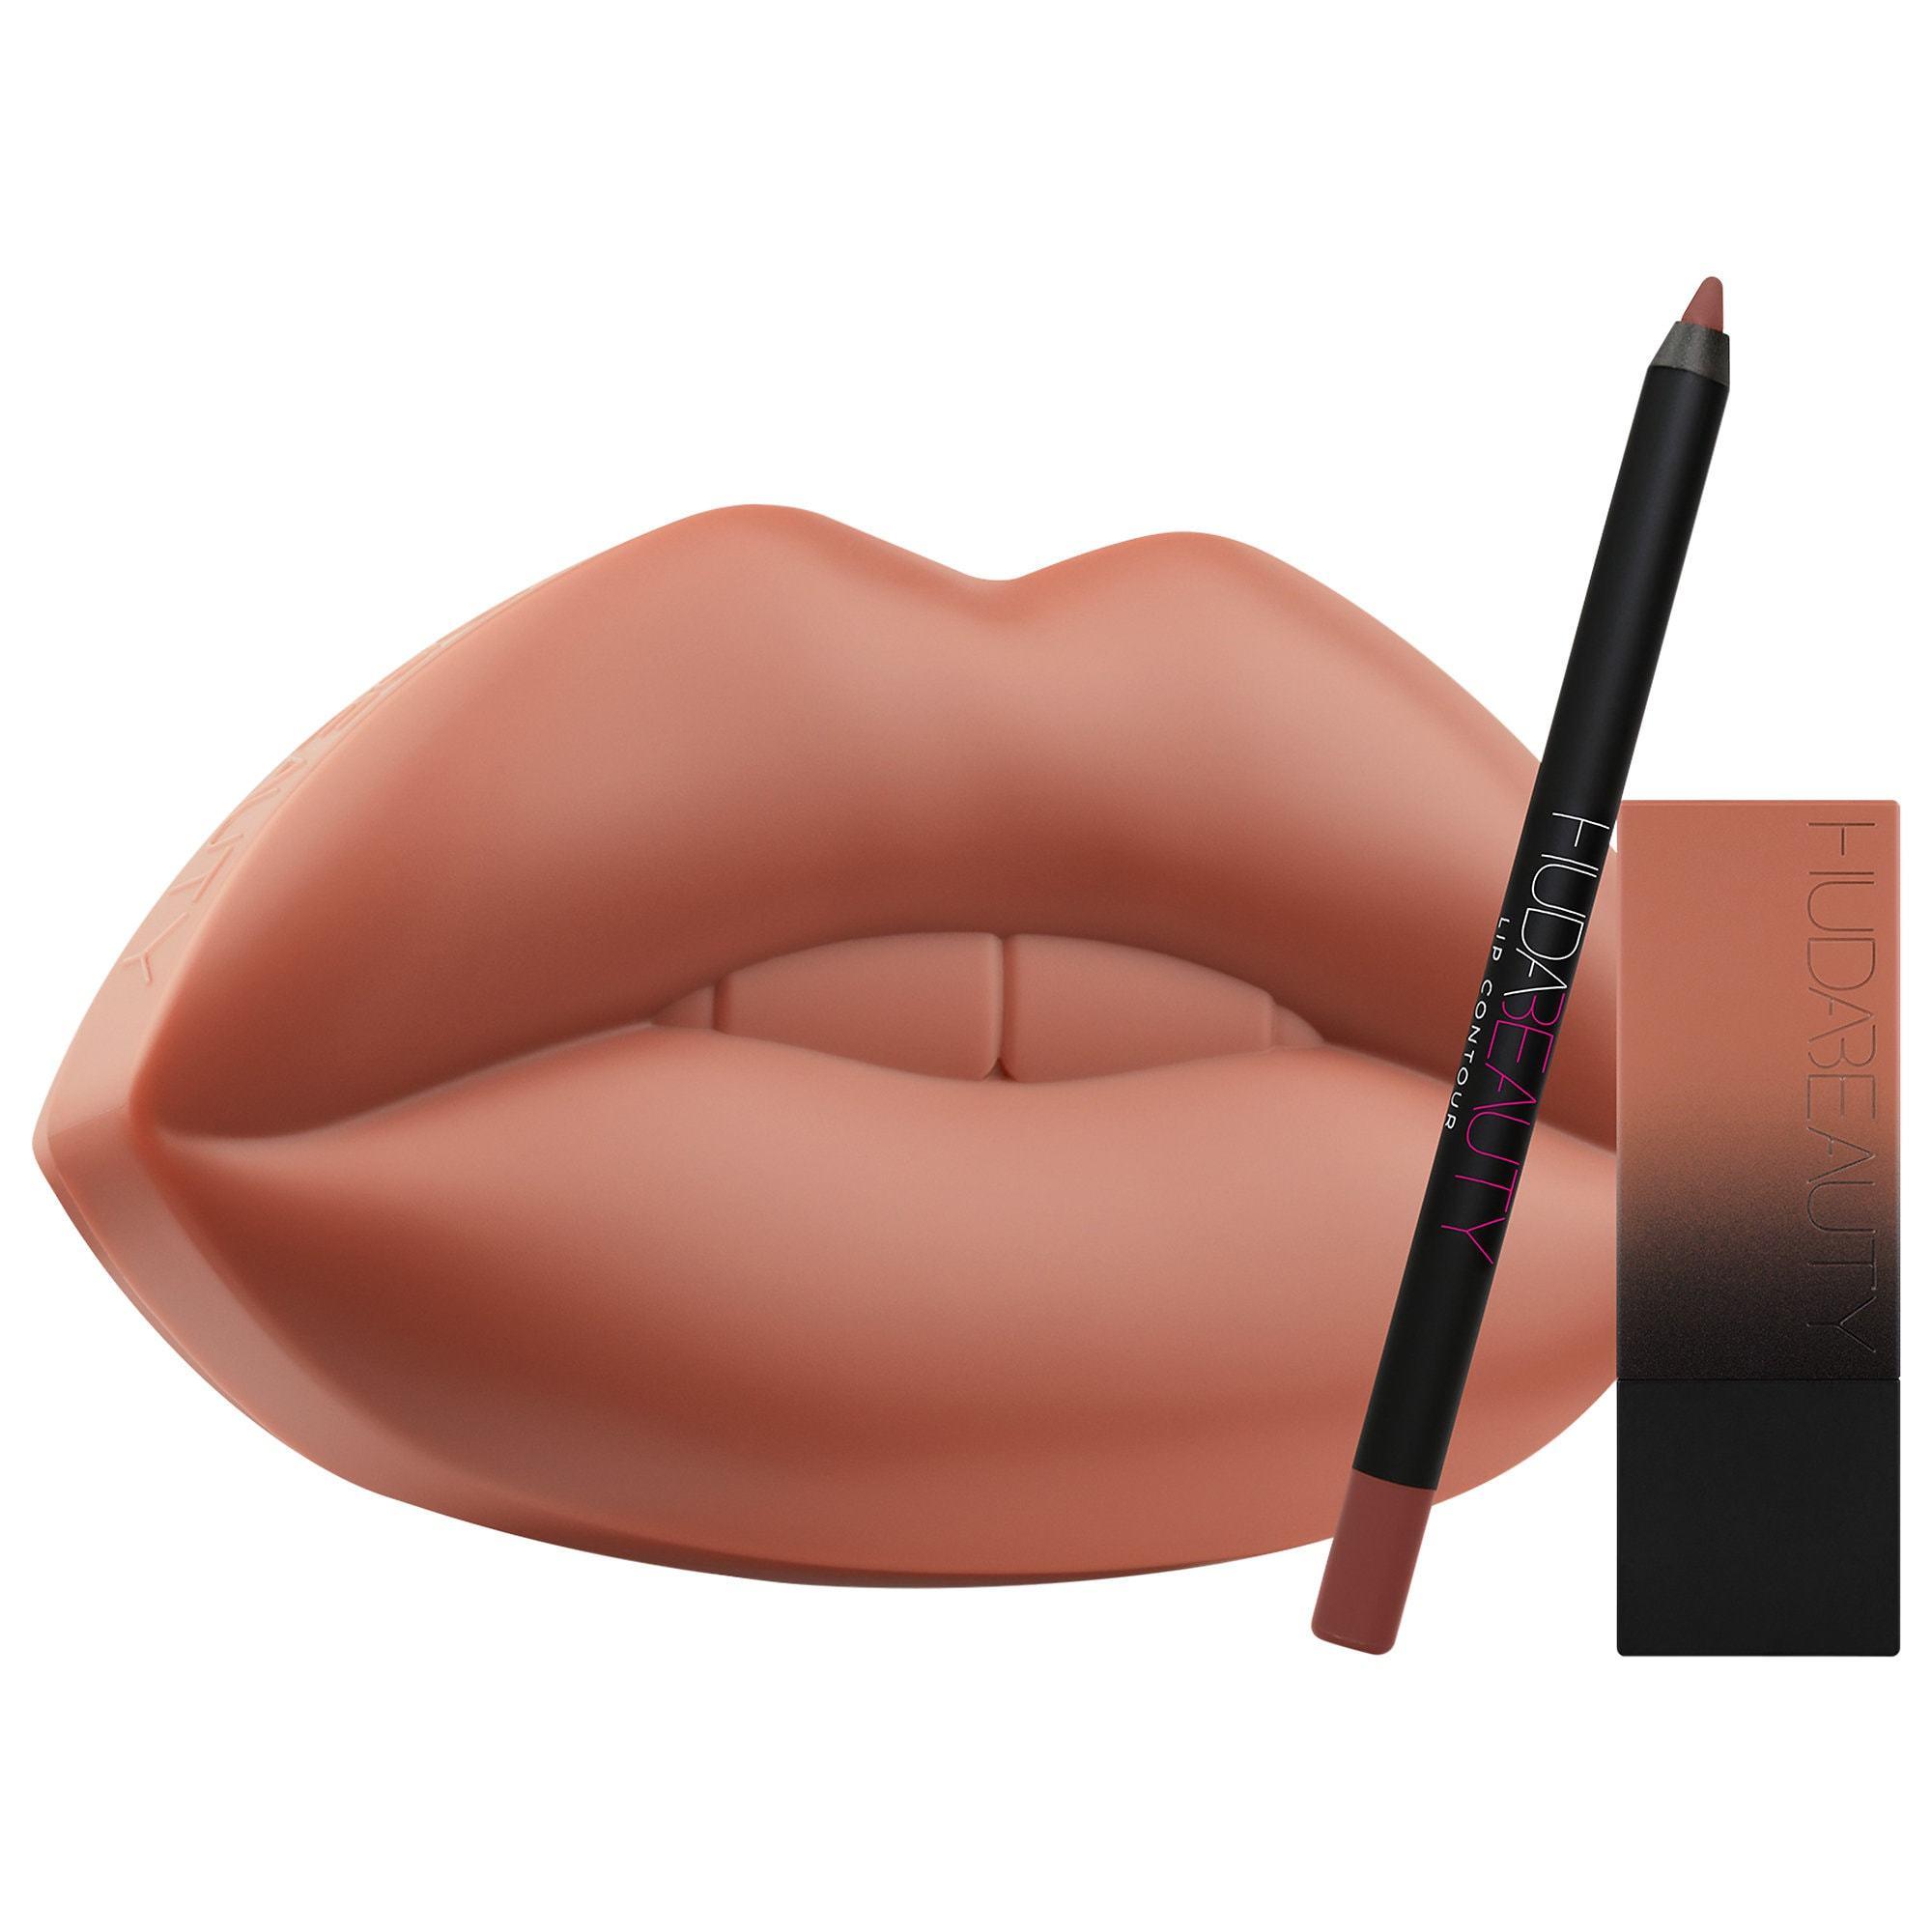 Lipkit con labial y perfilador de Huda Beauty